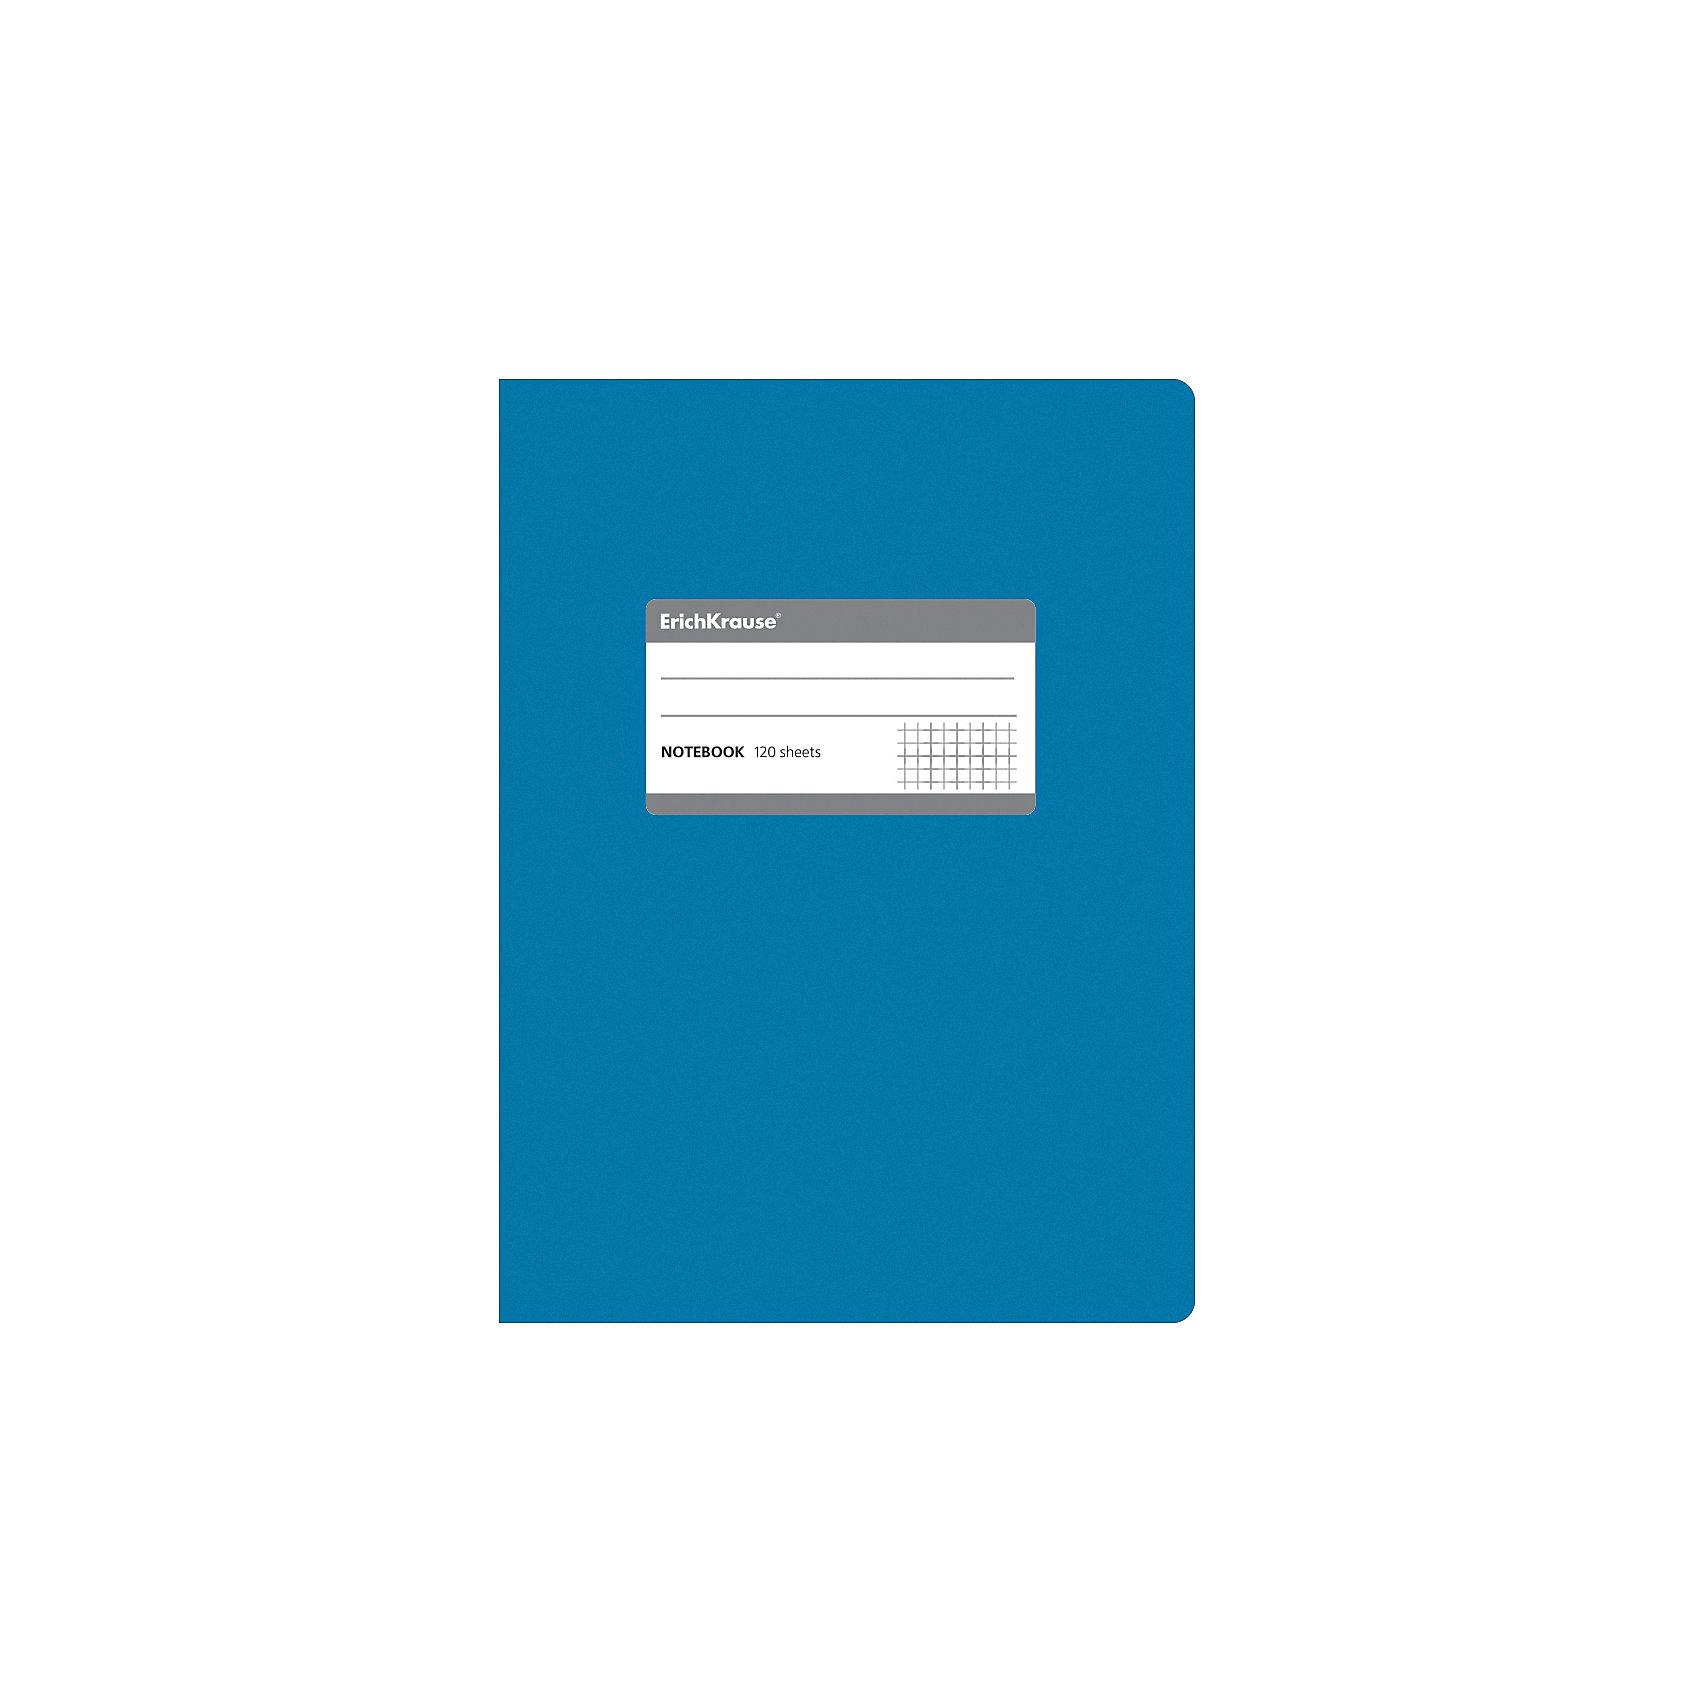 Erich Krause Тетрадь общая c титульной этикеткой А5, ONE COLOR, 120 листов, клеткаБумажная продукция<br>Характеристики товара: <br><br>• количество листов: 120;<br>• формат: А5;<br>• цвет: синий;<br>• плотность бумаги: 60 г/м2;<br>• размер упаковки: 1,5х15х21 см;<br>• вес: 256 грамм.<br><br>Общая тетрадь ONE COLOR предназначена для старшеклассников, студентов и тех, кому необходимо записывать большой объем информации. 120 листов тетради разлинованы в клетку без полей. Бумага отличается высокой прочностью, благодаря чему писать на ней можно любыми чернилами.<br><br>Обложка тетради изготовлена из плотного картона с фактурным ламинированием. Она сохранит опрятный вид тетради и защитит ее от намокания и изнашивания. На титульном листе есть этикетка для внесения данных о владельце.<br><br>Erich Krause (Эрих Краузе) Тетрадь общую c титульной этикеткой А5, ONE COLOR, 120 листов, клетка можно купить в нашем интернет-магазине.<br><br>Ширина мм: 210<br>Глубина мм: 150<br>Высота мм: 15<br>Вес г: 255<br>Возраст от месяцев: 144<br>Возраст до месяцев: 2147483647<br>Пол: Унисекс<br>Возраст: Детский<br>SKU: 6878822